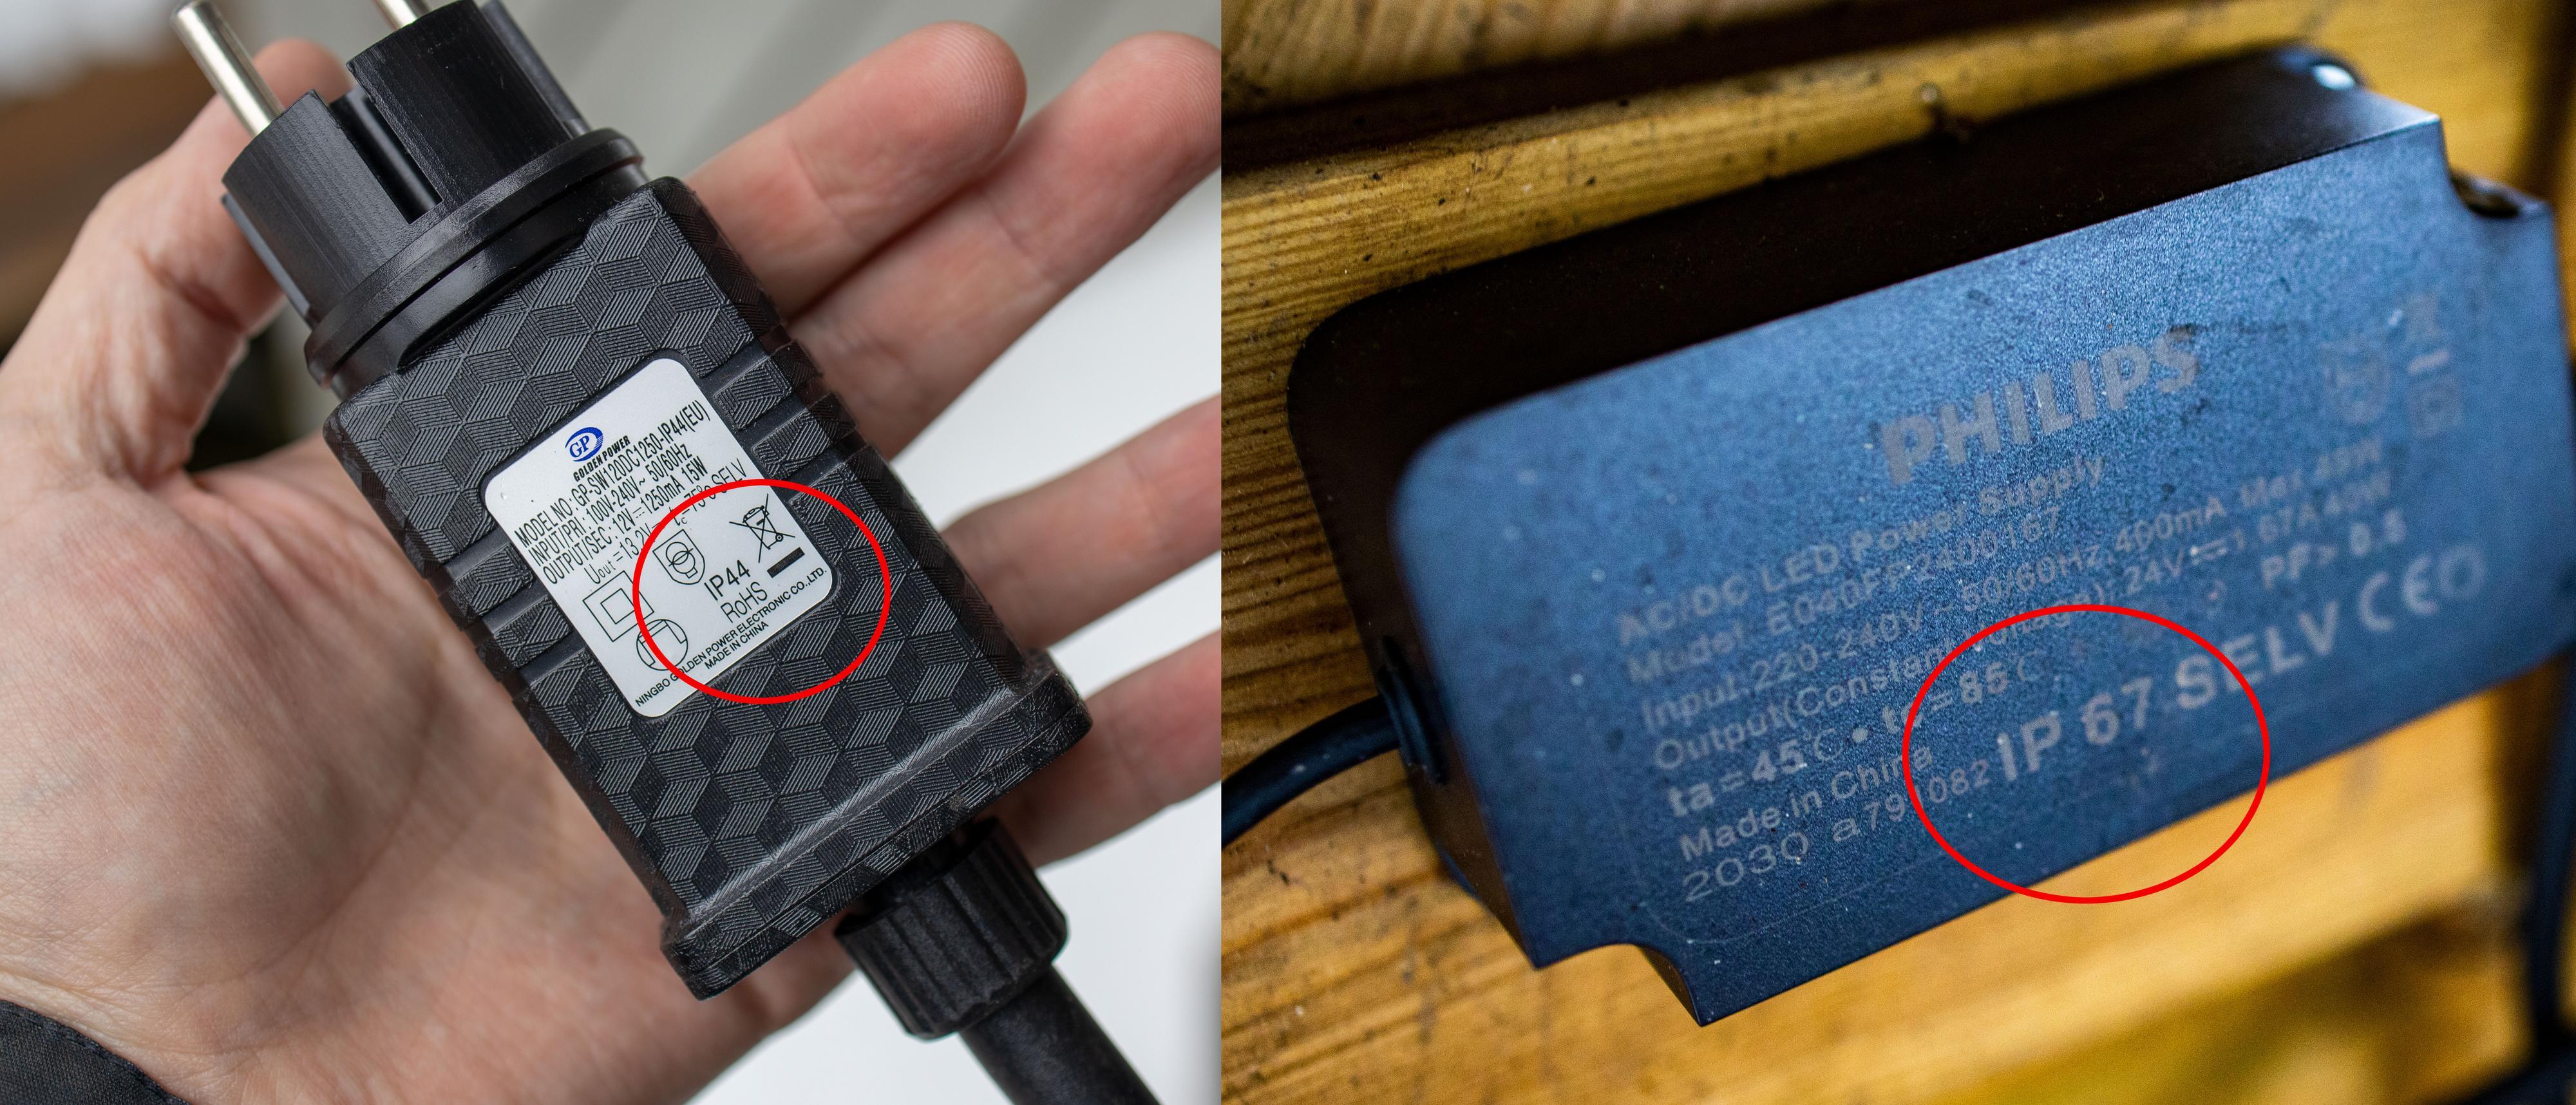 Selv om alle lampene i testen er ekstra sikret mot vann og støv, med enten IP65- eller IP67-tetning, har Ledvances strømplugg bare IP44. Dermed må du være litt ekstra forsiktig hvor du plugger den inn sammenlignet med Philips-lampene.